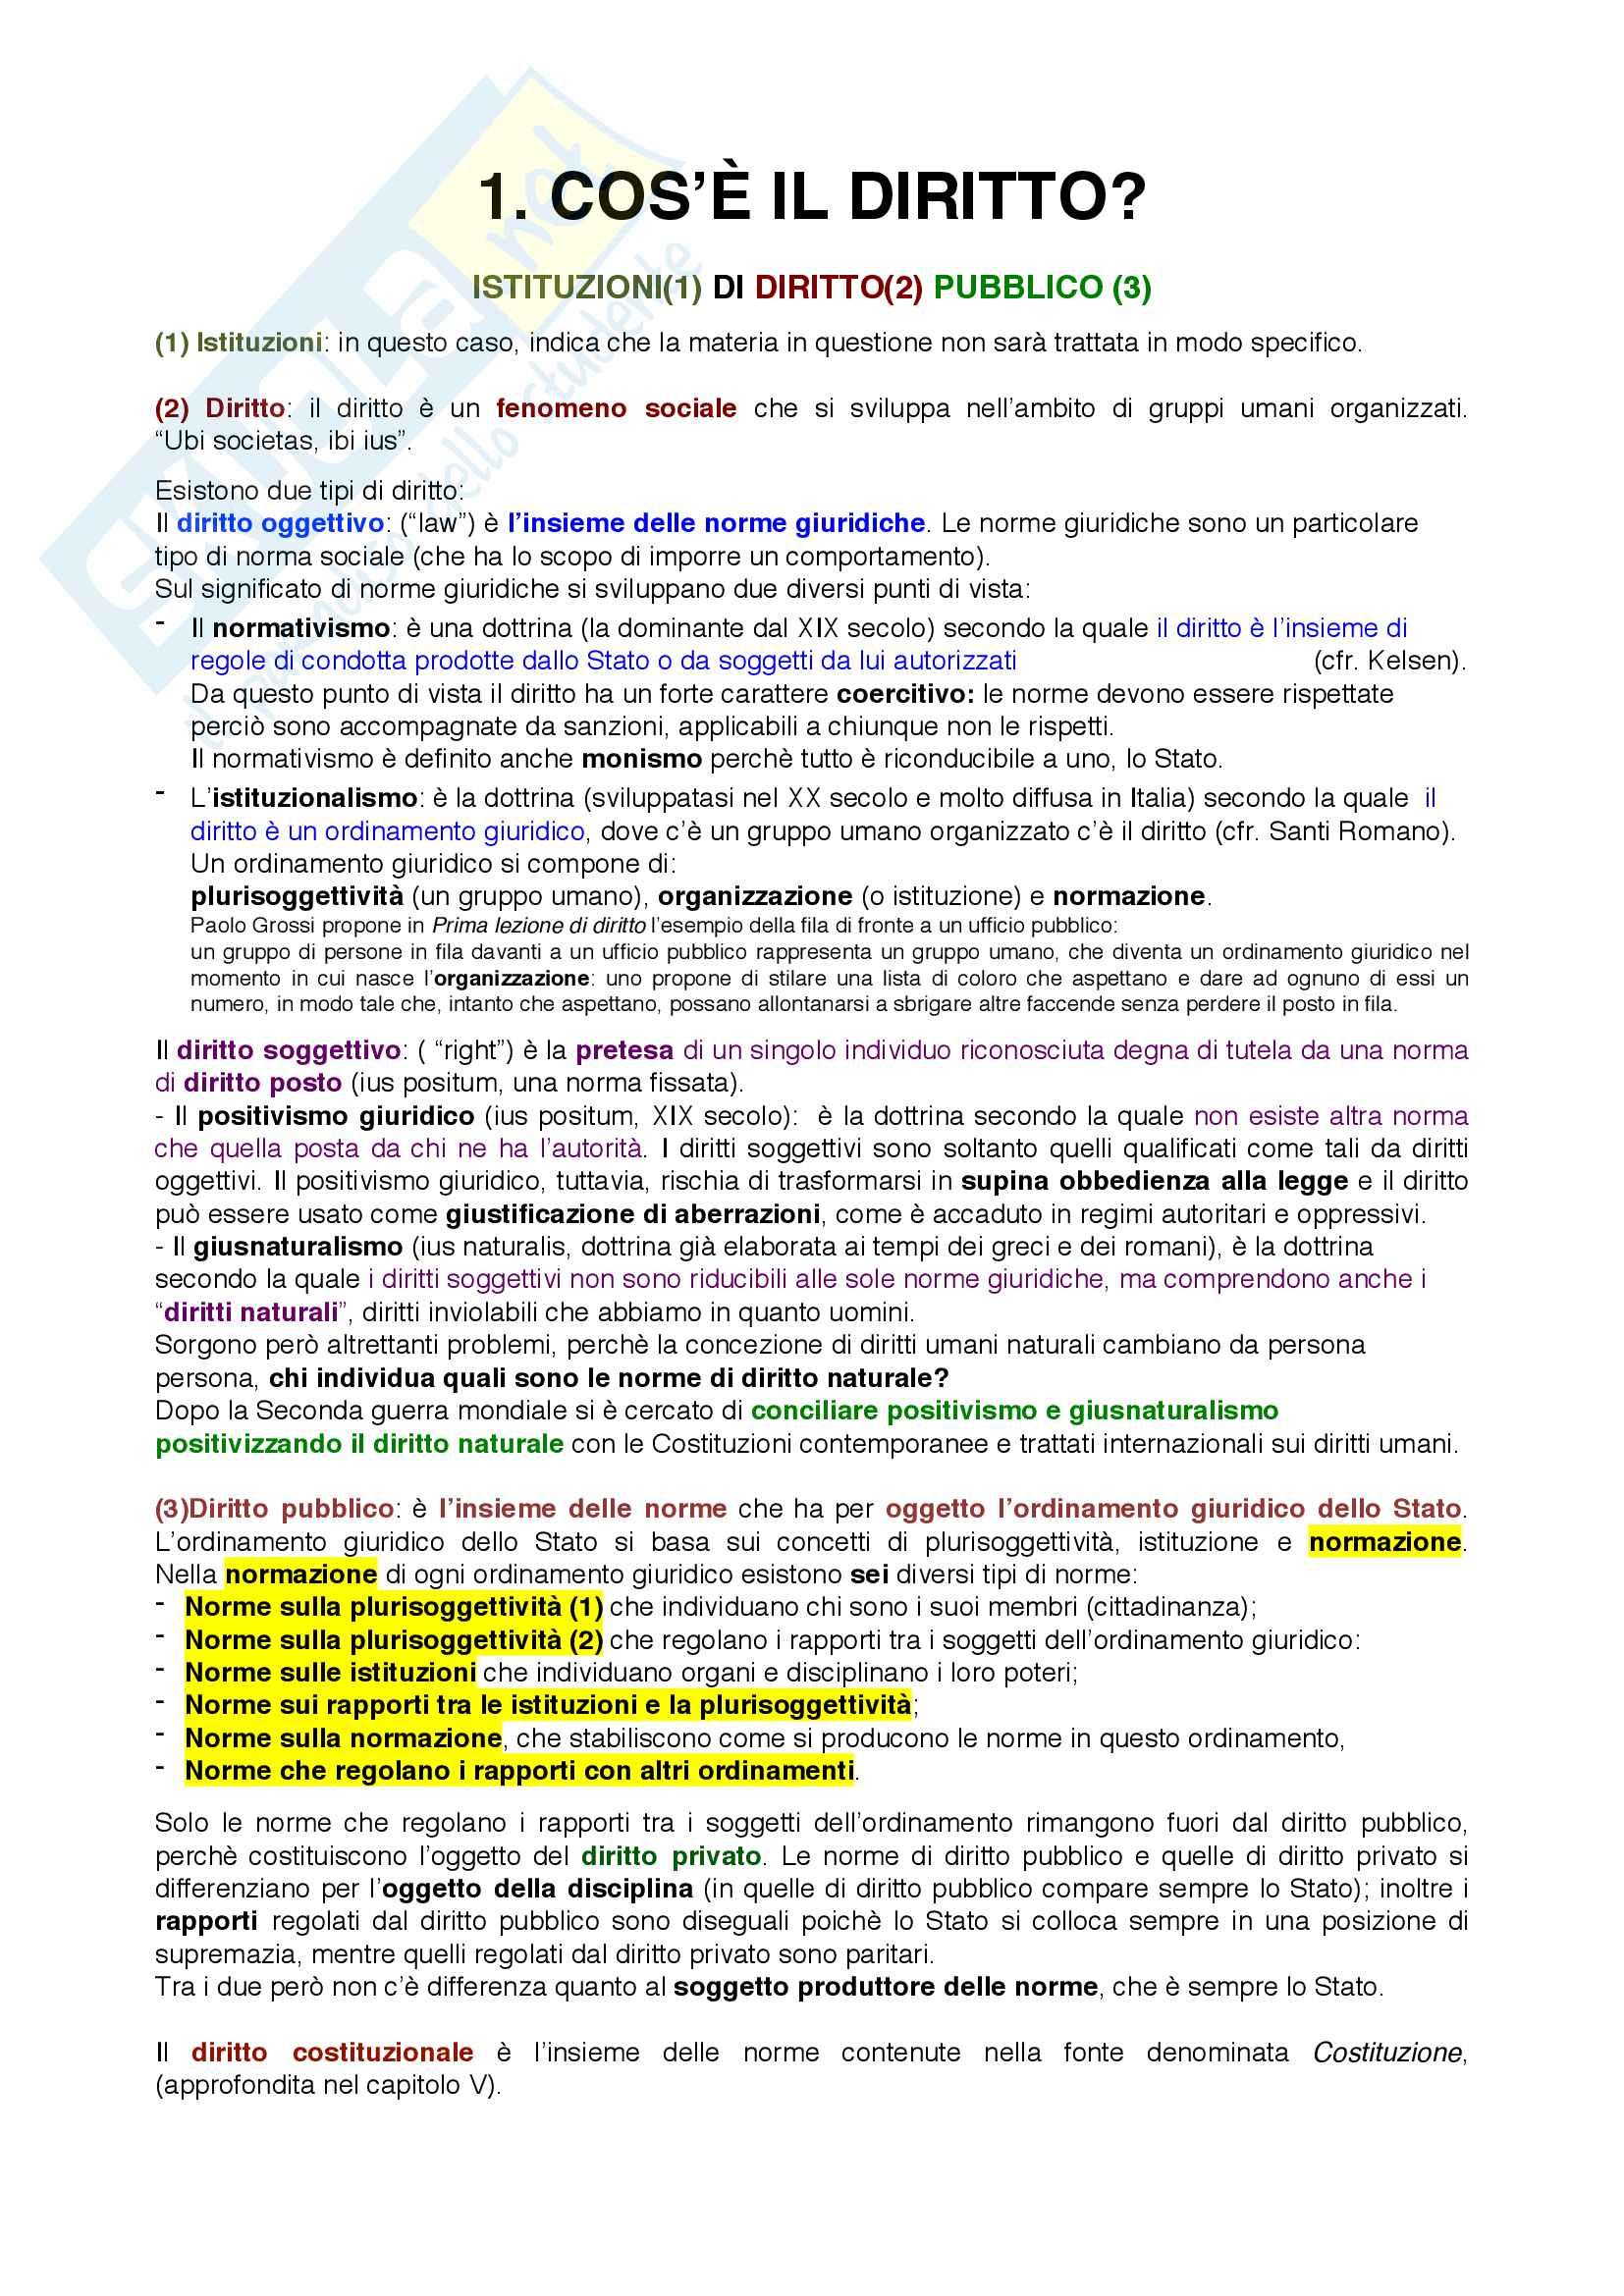 """Riassunto esame Diritto Pubblico, docente Tania Groppi, libro consigliato """"Introduzione allo studio del diritto pubblico"""", Tania Groppi"""